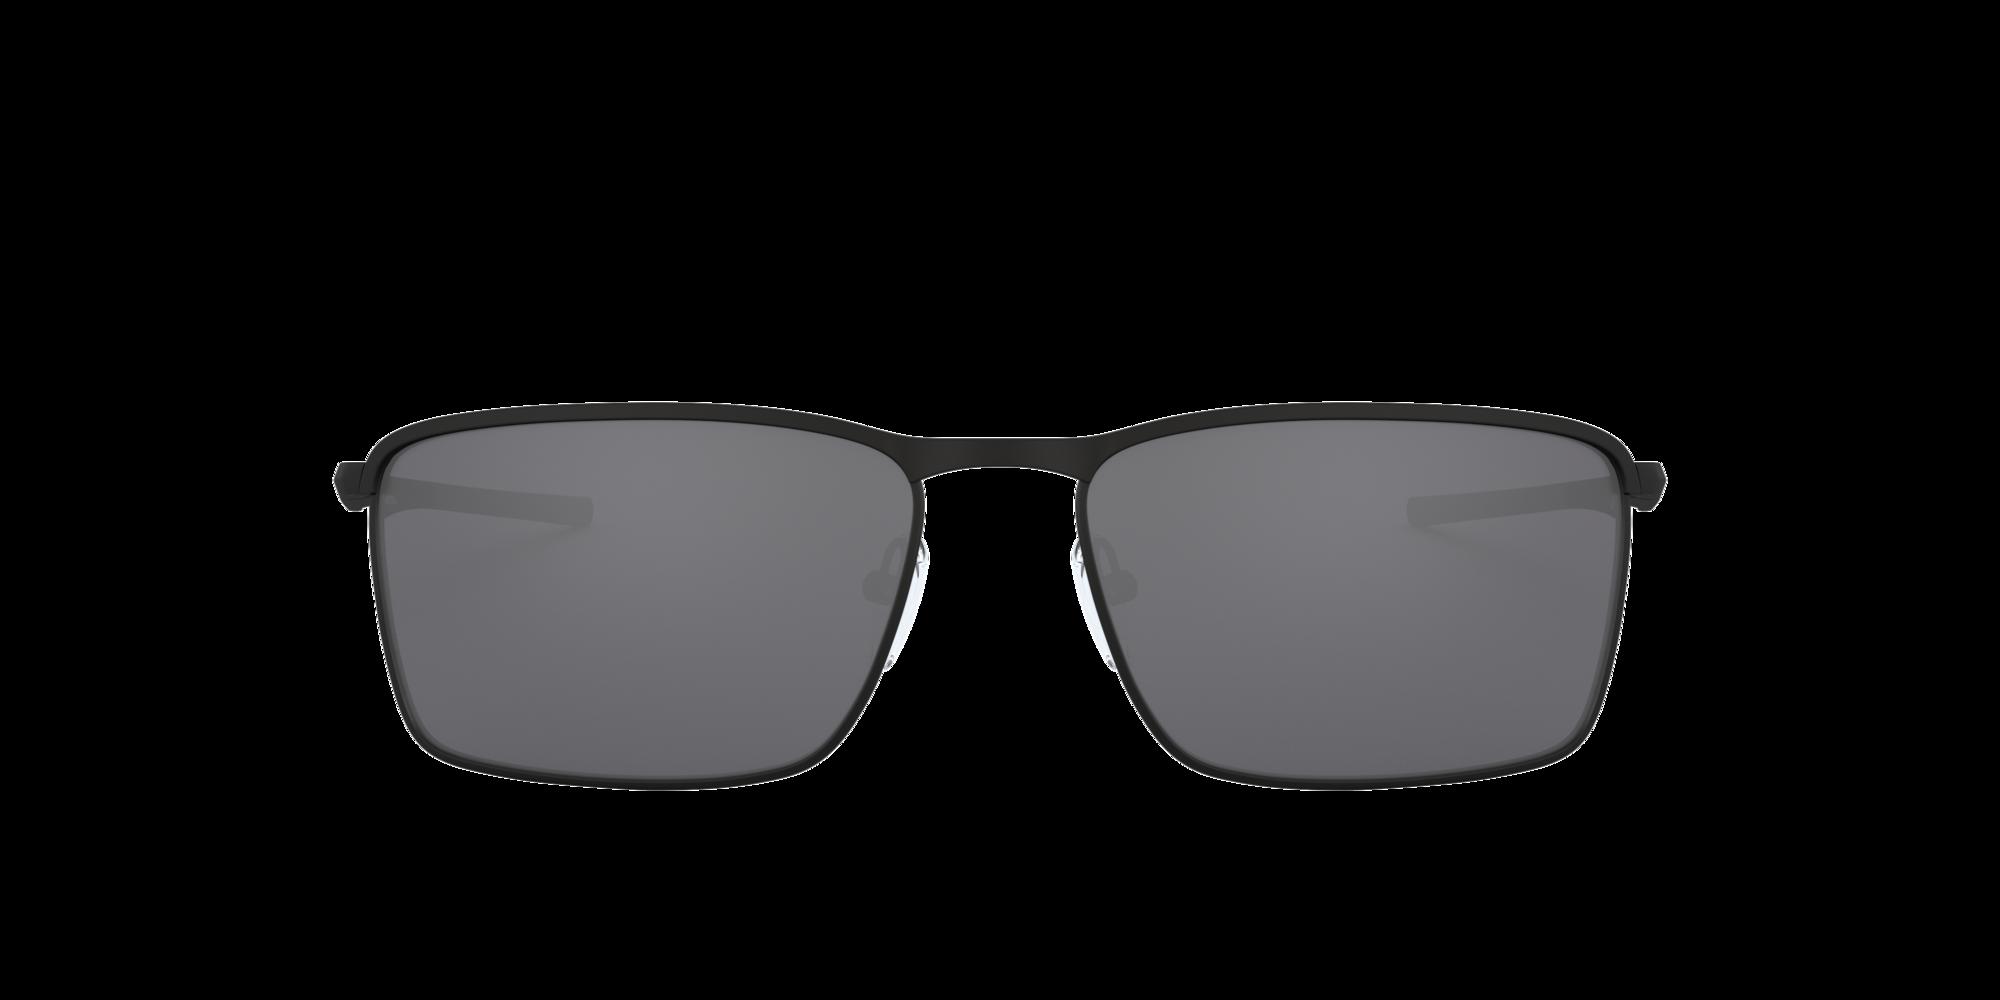 Imagen para OO4106 58 CONDUCTOR 6 de LensCrafters |  Espejuelos, espejuelos graduados en línea, gafas